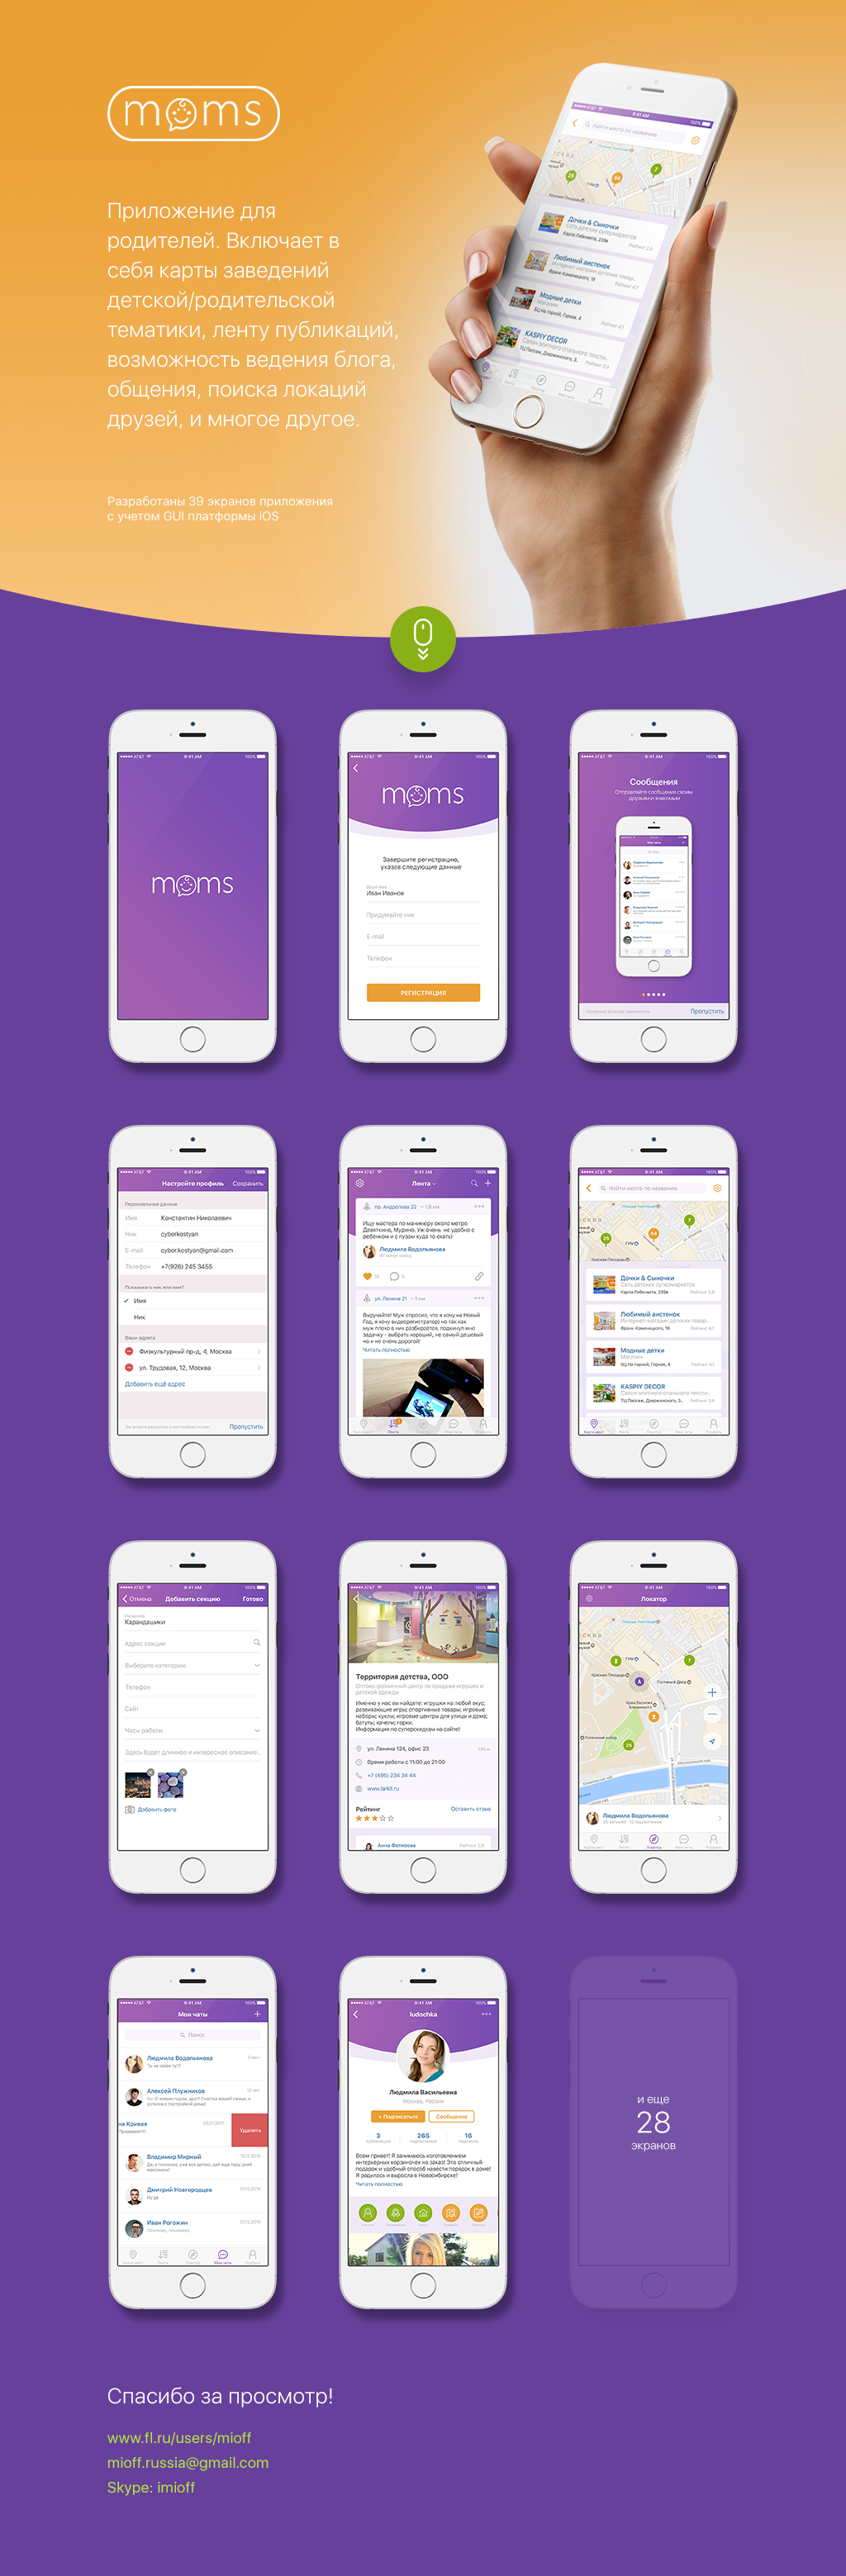 Приложение для родителей под iOS (39 экранов)